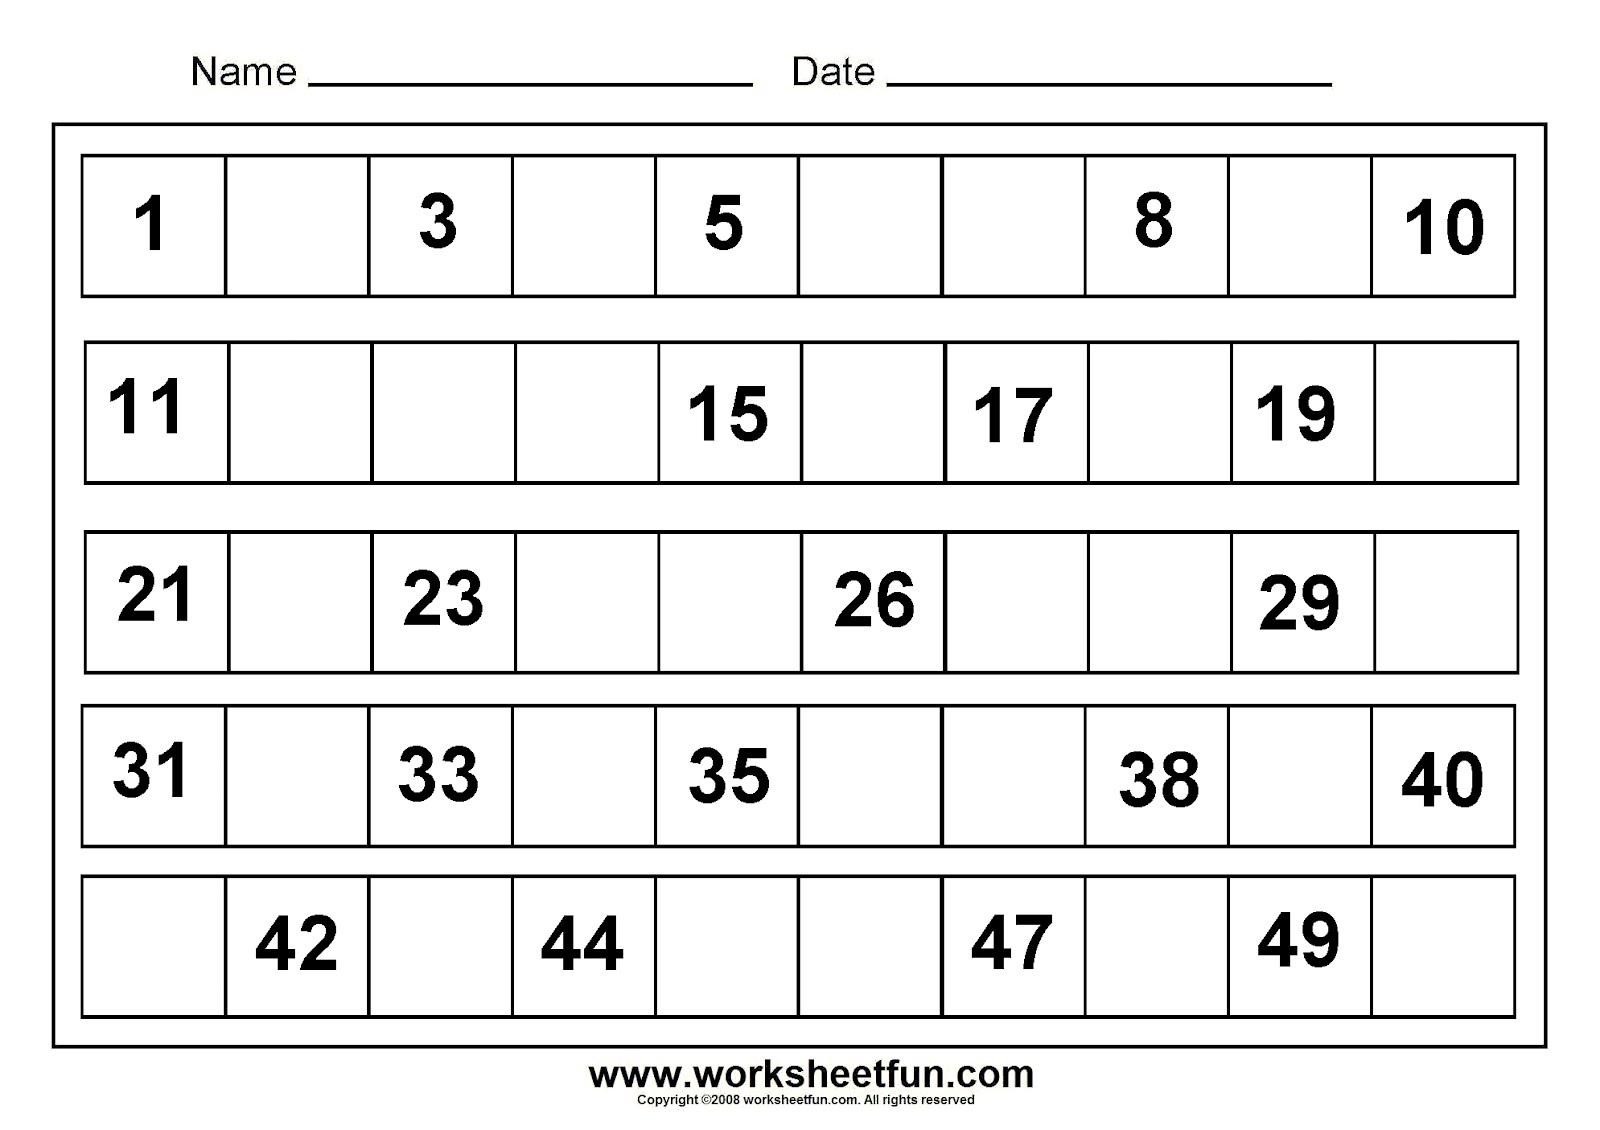 Practice Worksheets For Kindergarten Math Worksheets For All